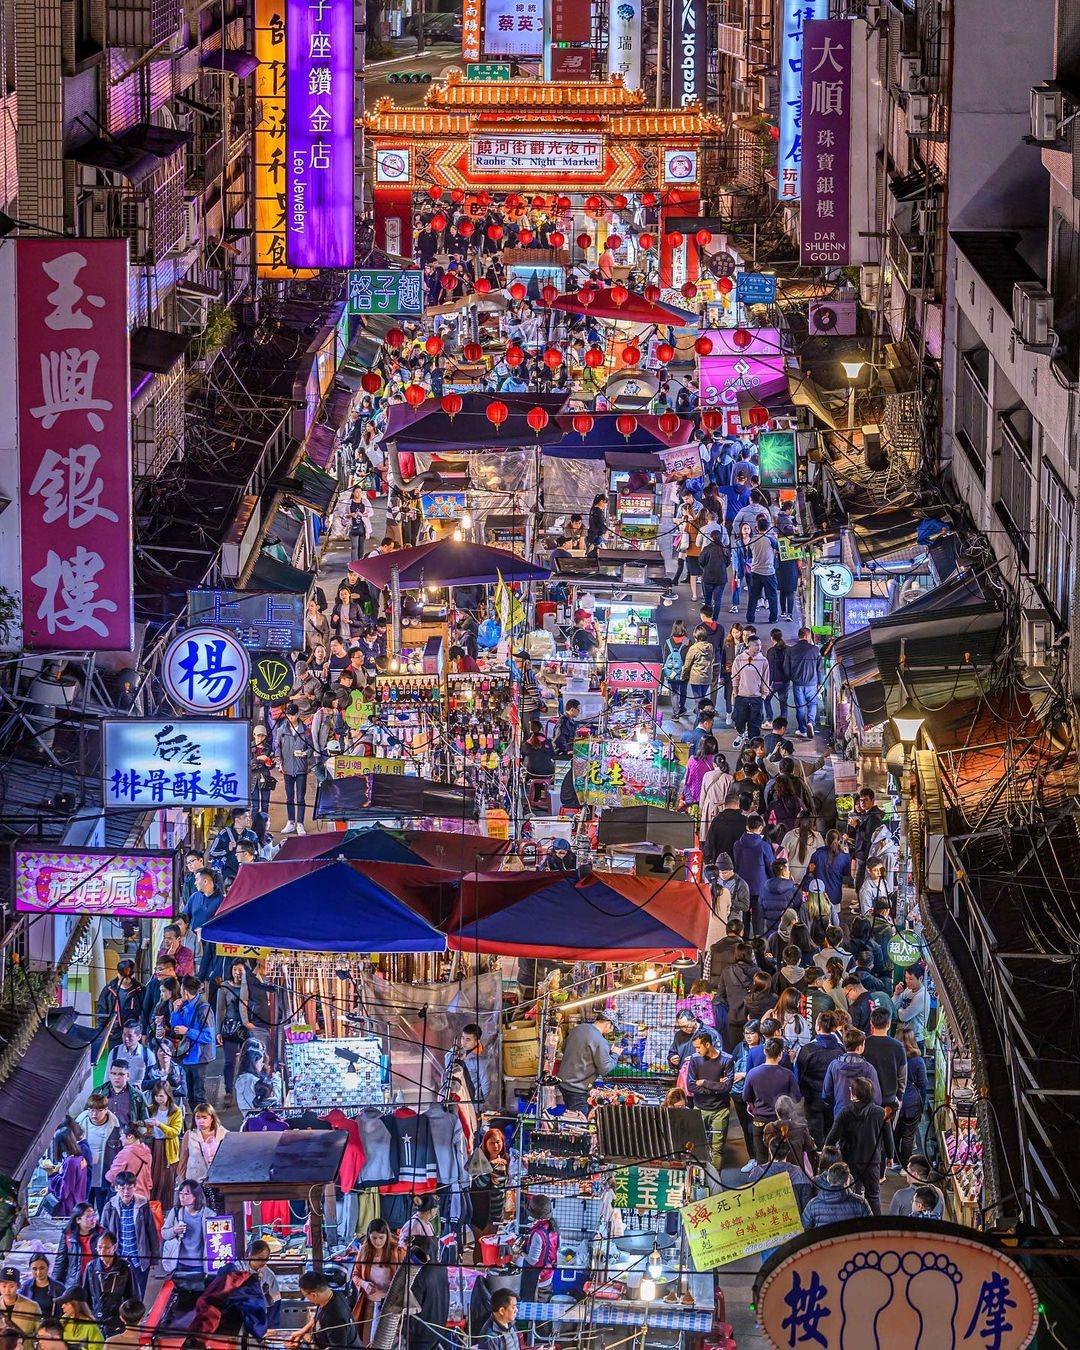 當代中國-中國旅遊-中國文化-台灣-饒河街夜市-夜市1